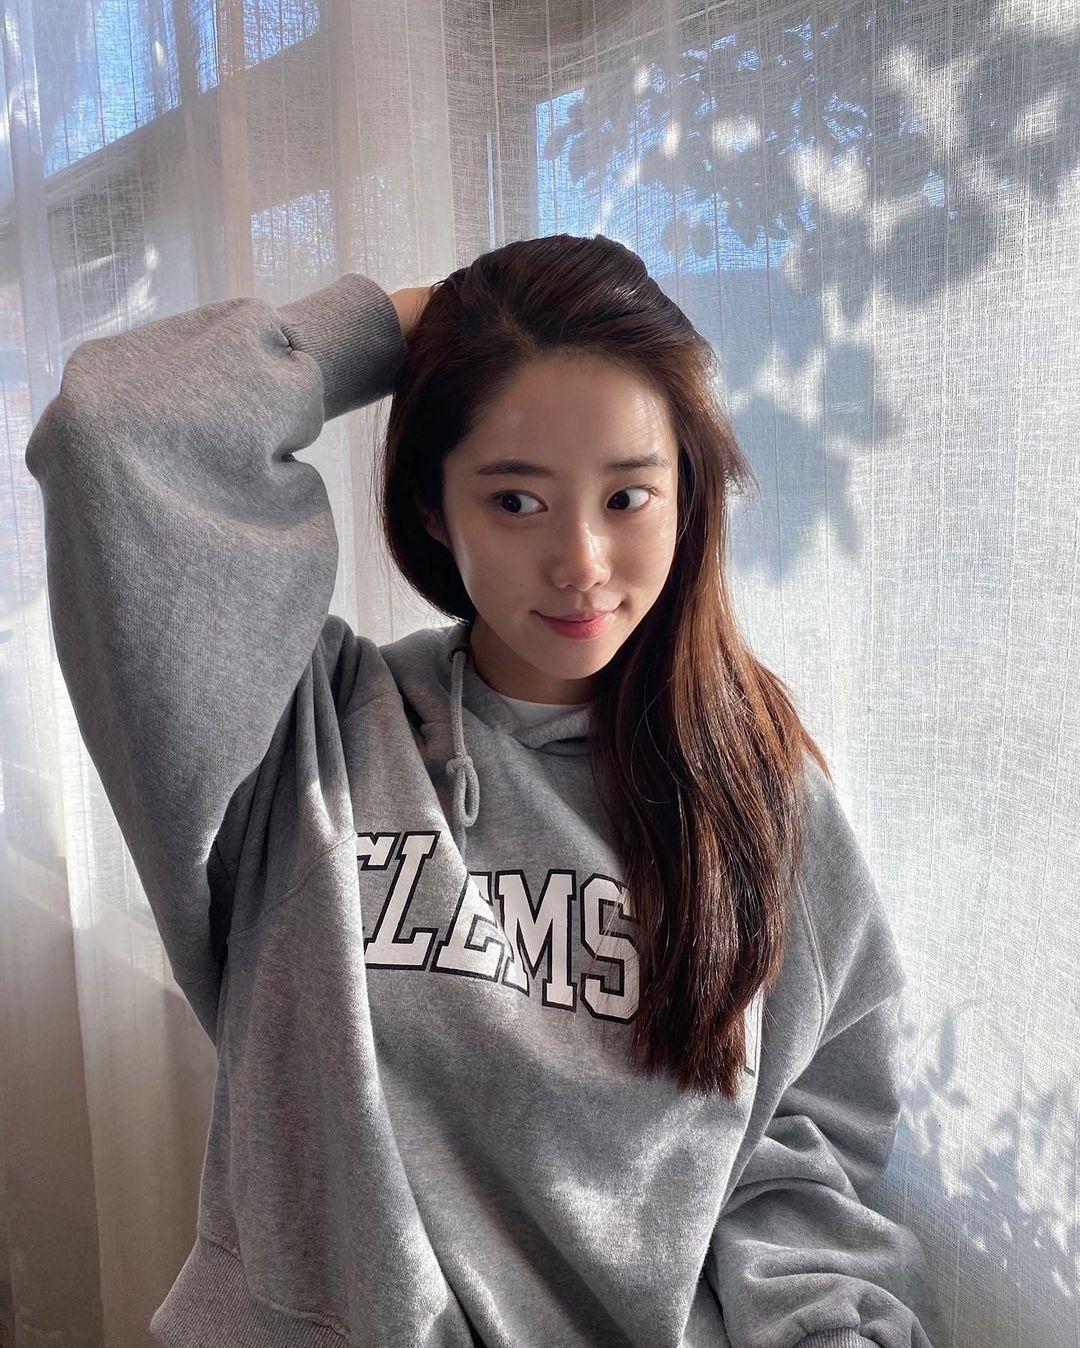 韩国甜甜小姐姐身材超会藏根本是「神隐少女」 网络美女 第8张